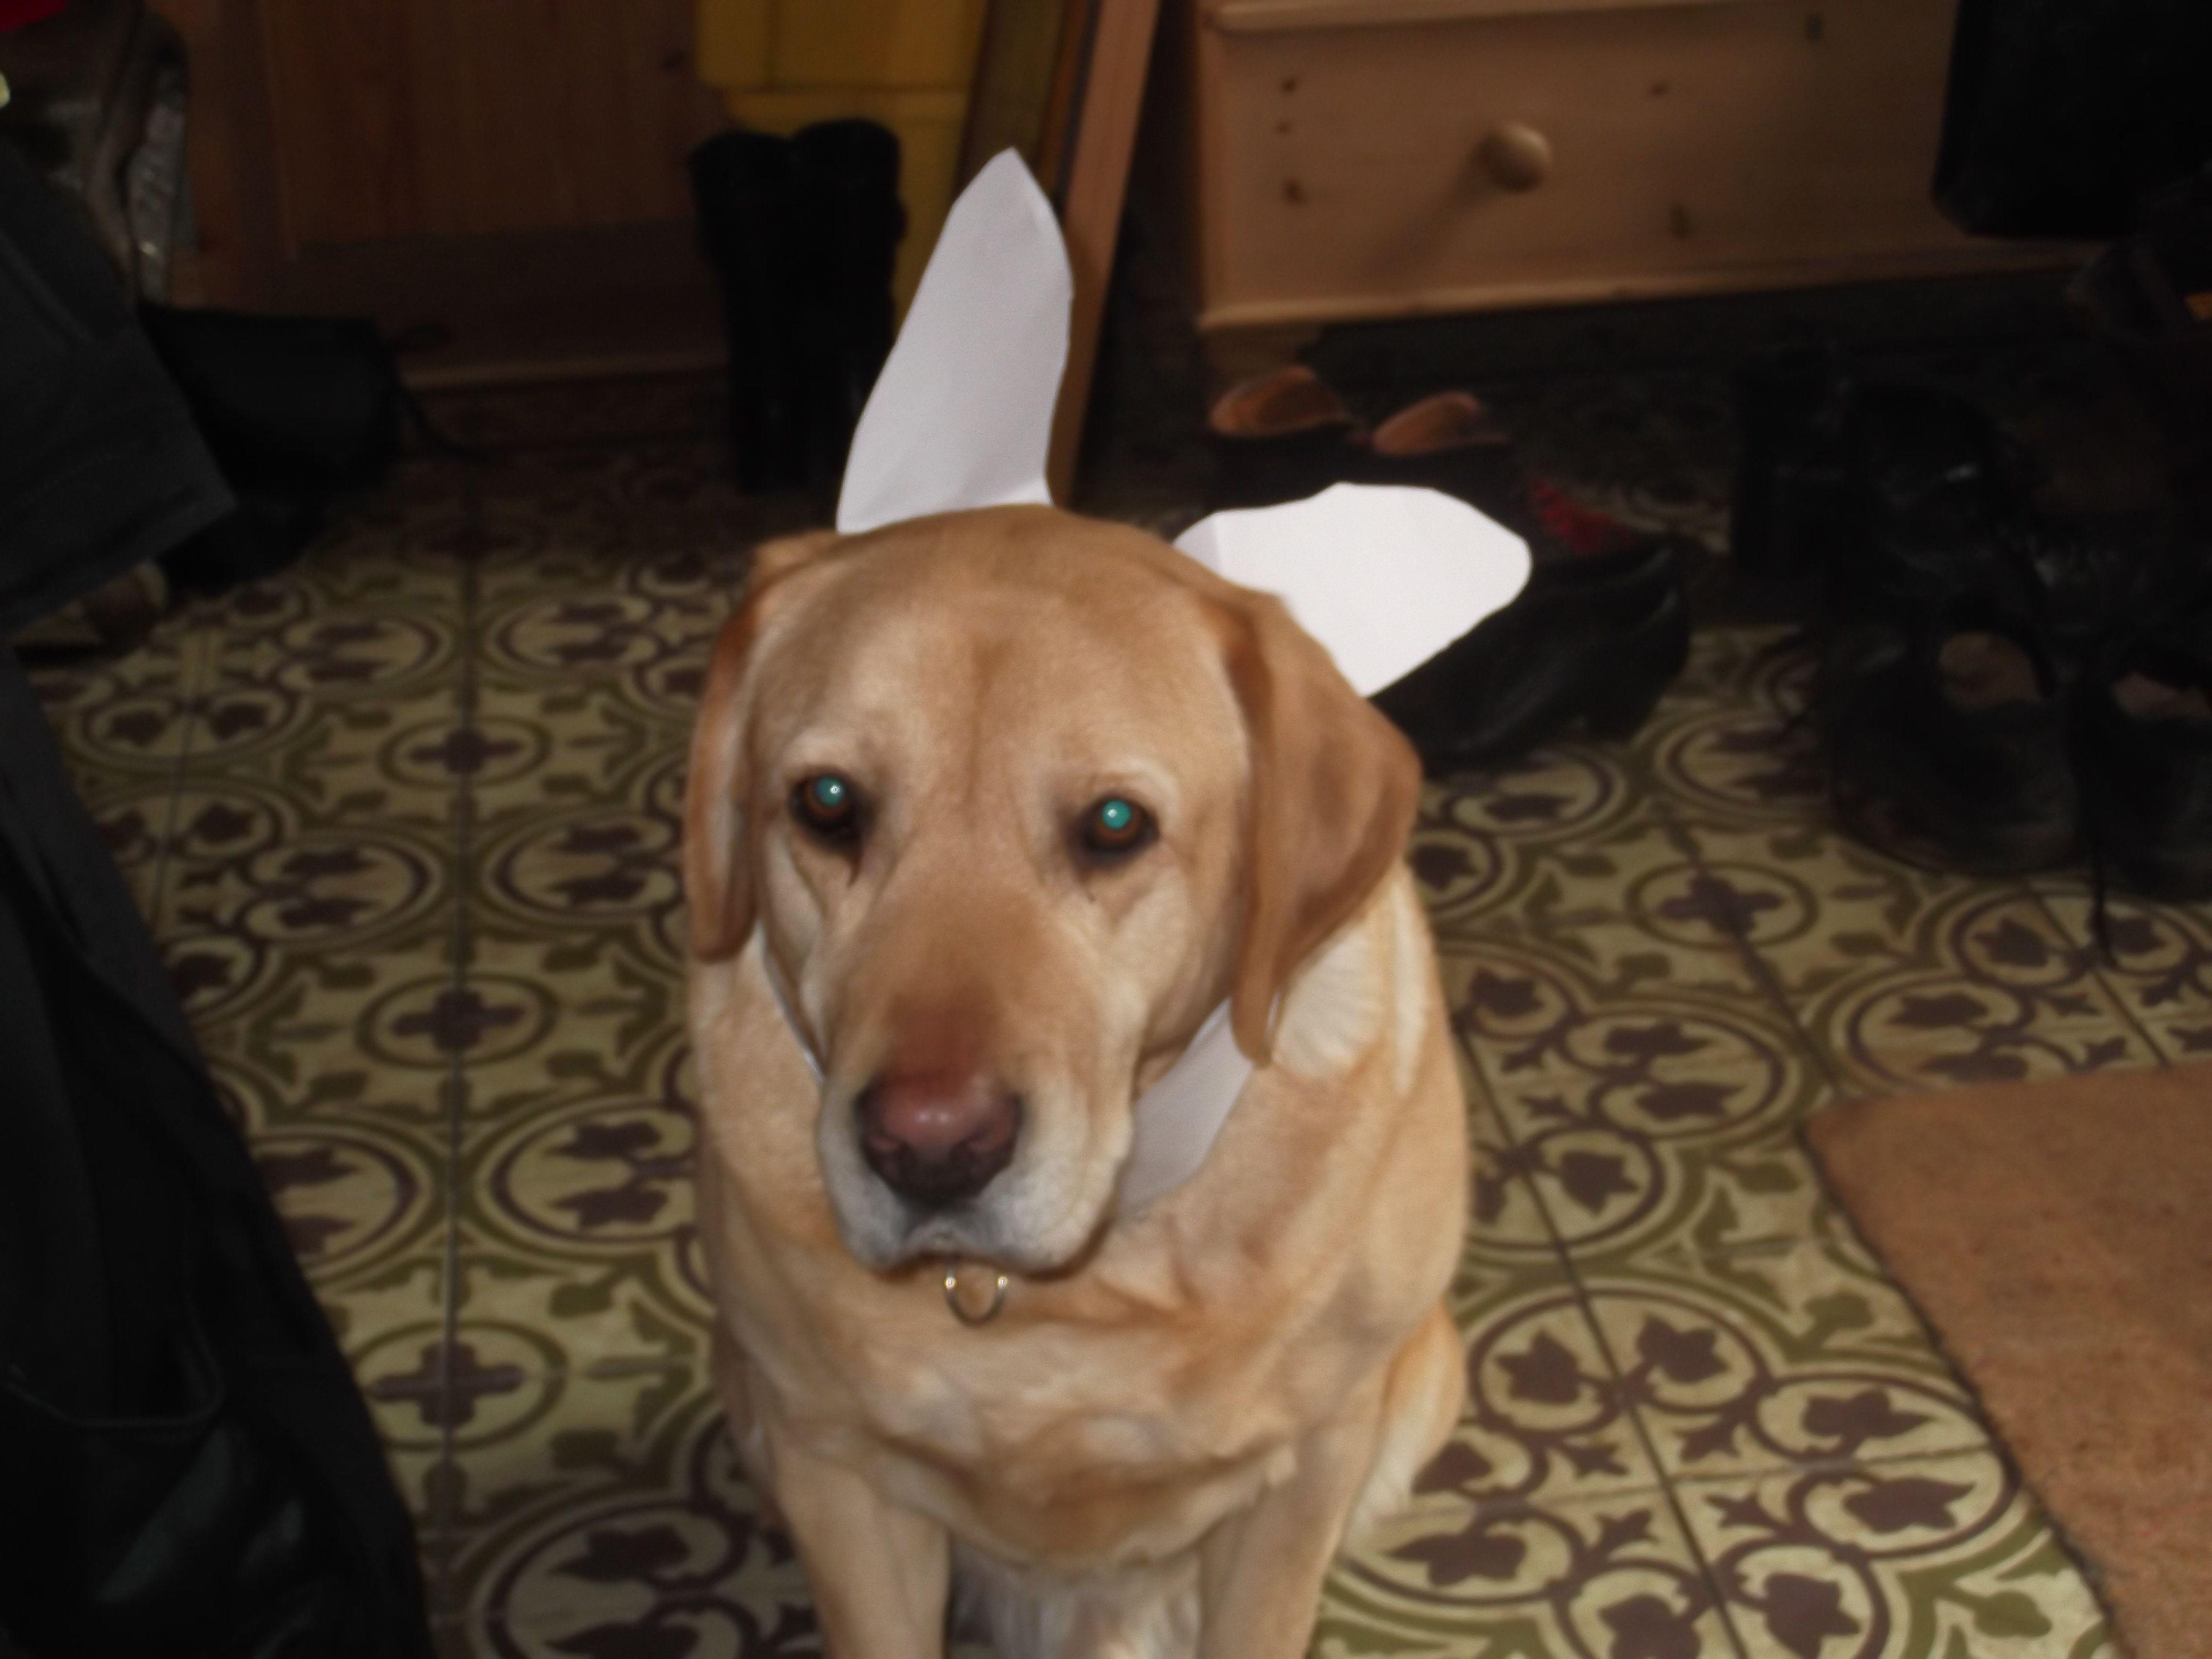 bunny ears Labrador puppy = CUTE